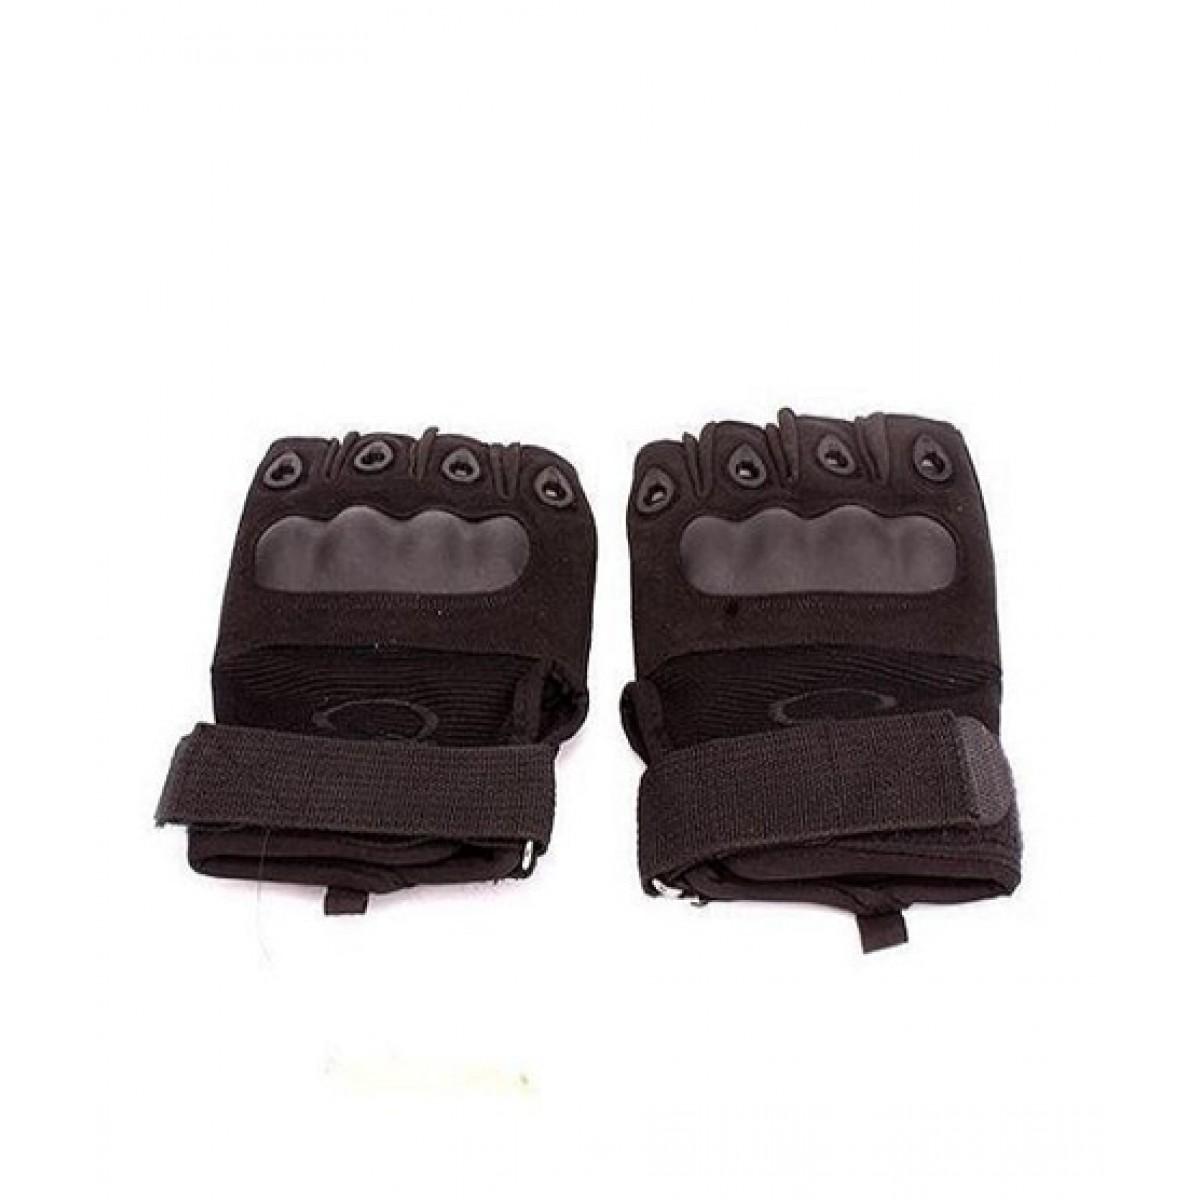 SYC Half Finger Tactical Hand Gloves Black